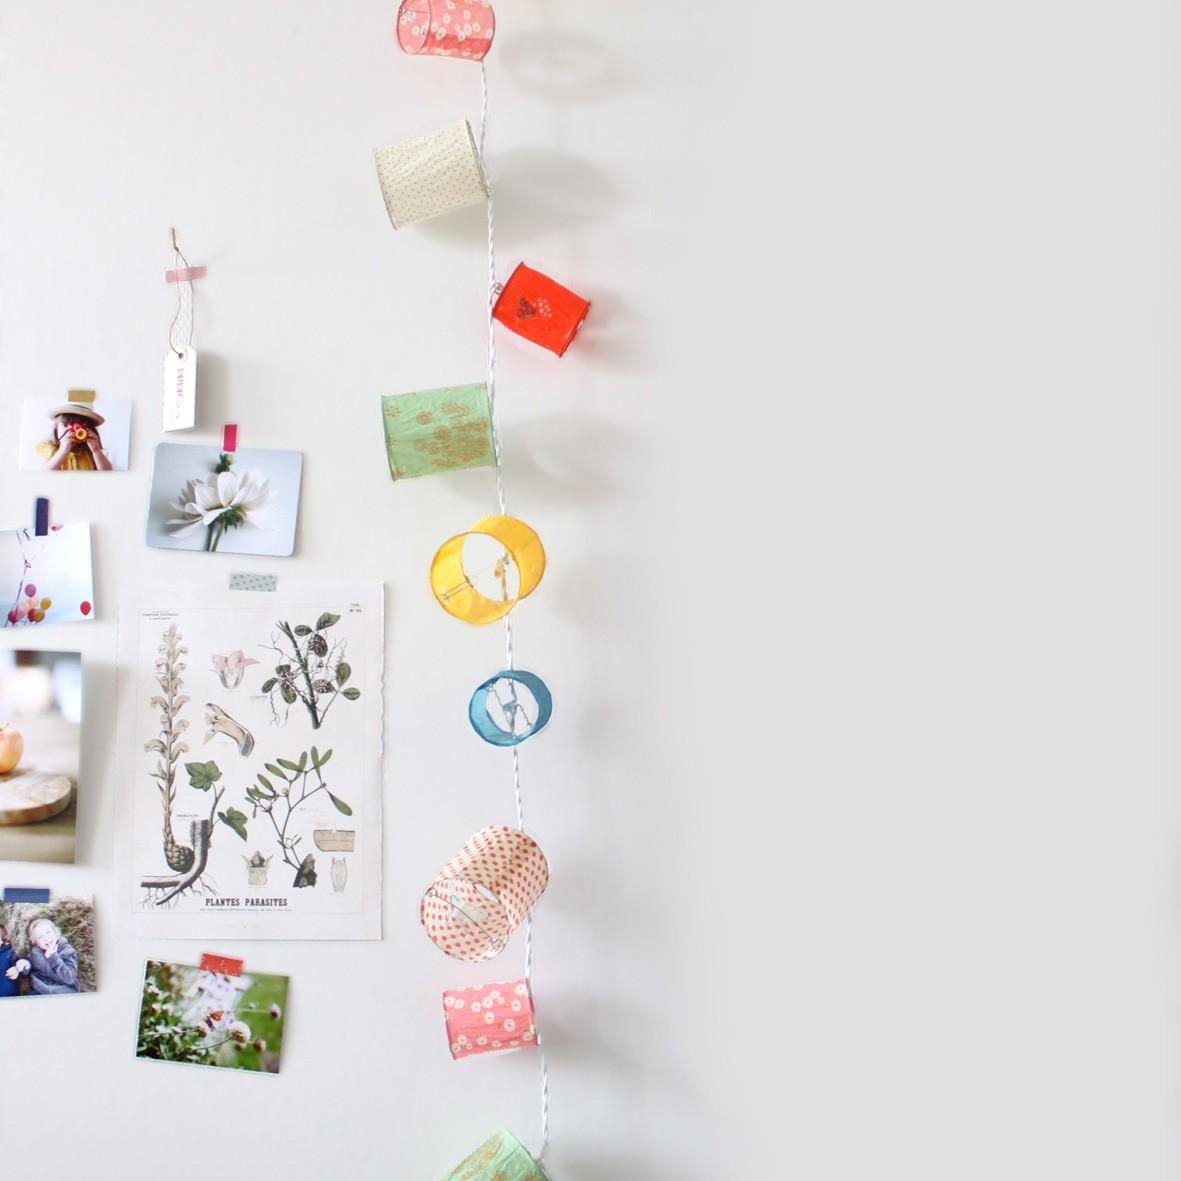 Comment Accrocher Une Guirlande Lumineuse Au Mur guirlande lumineuse - tout doux - mimi'lou shop